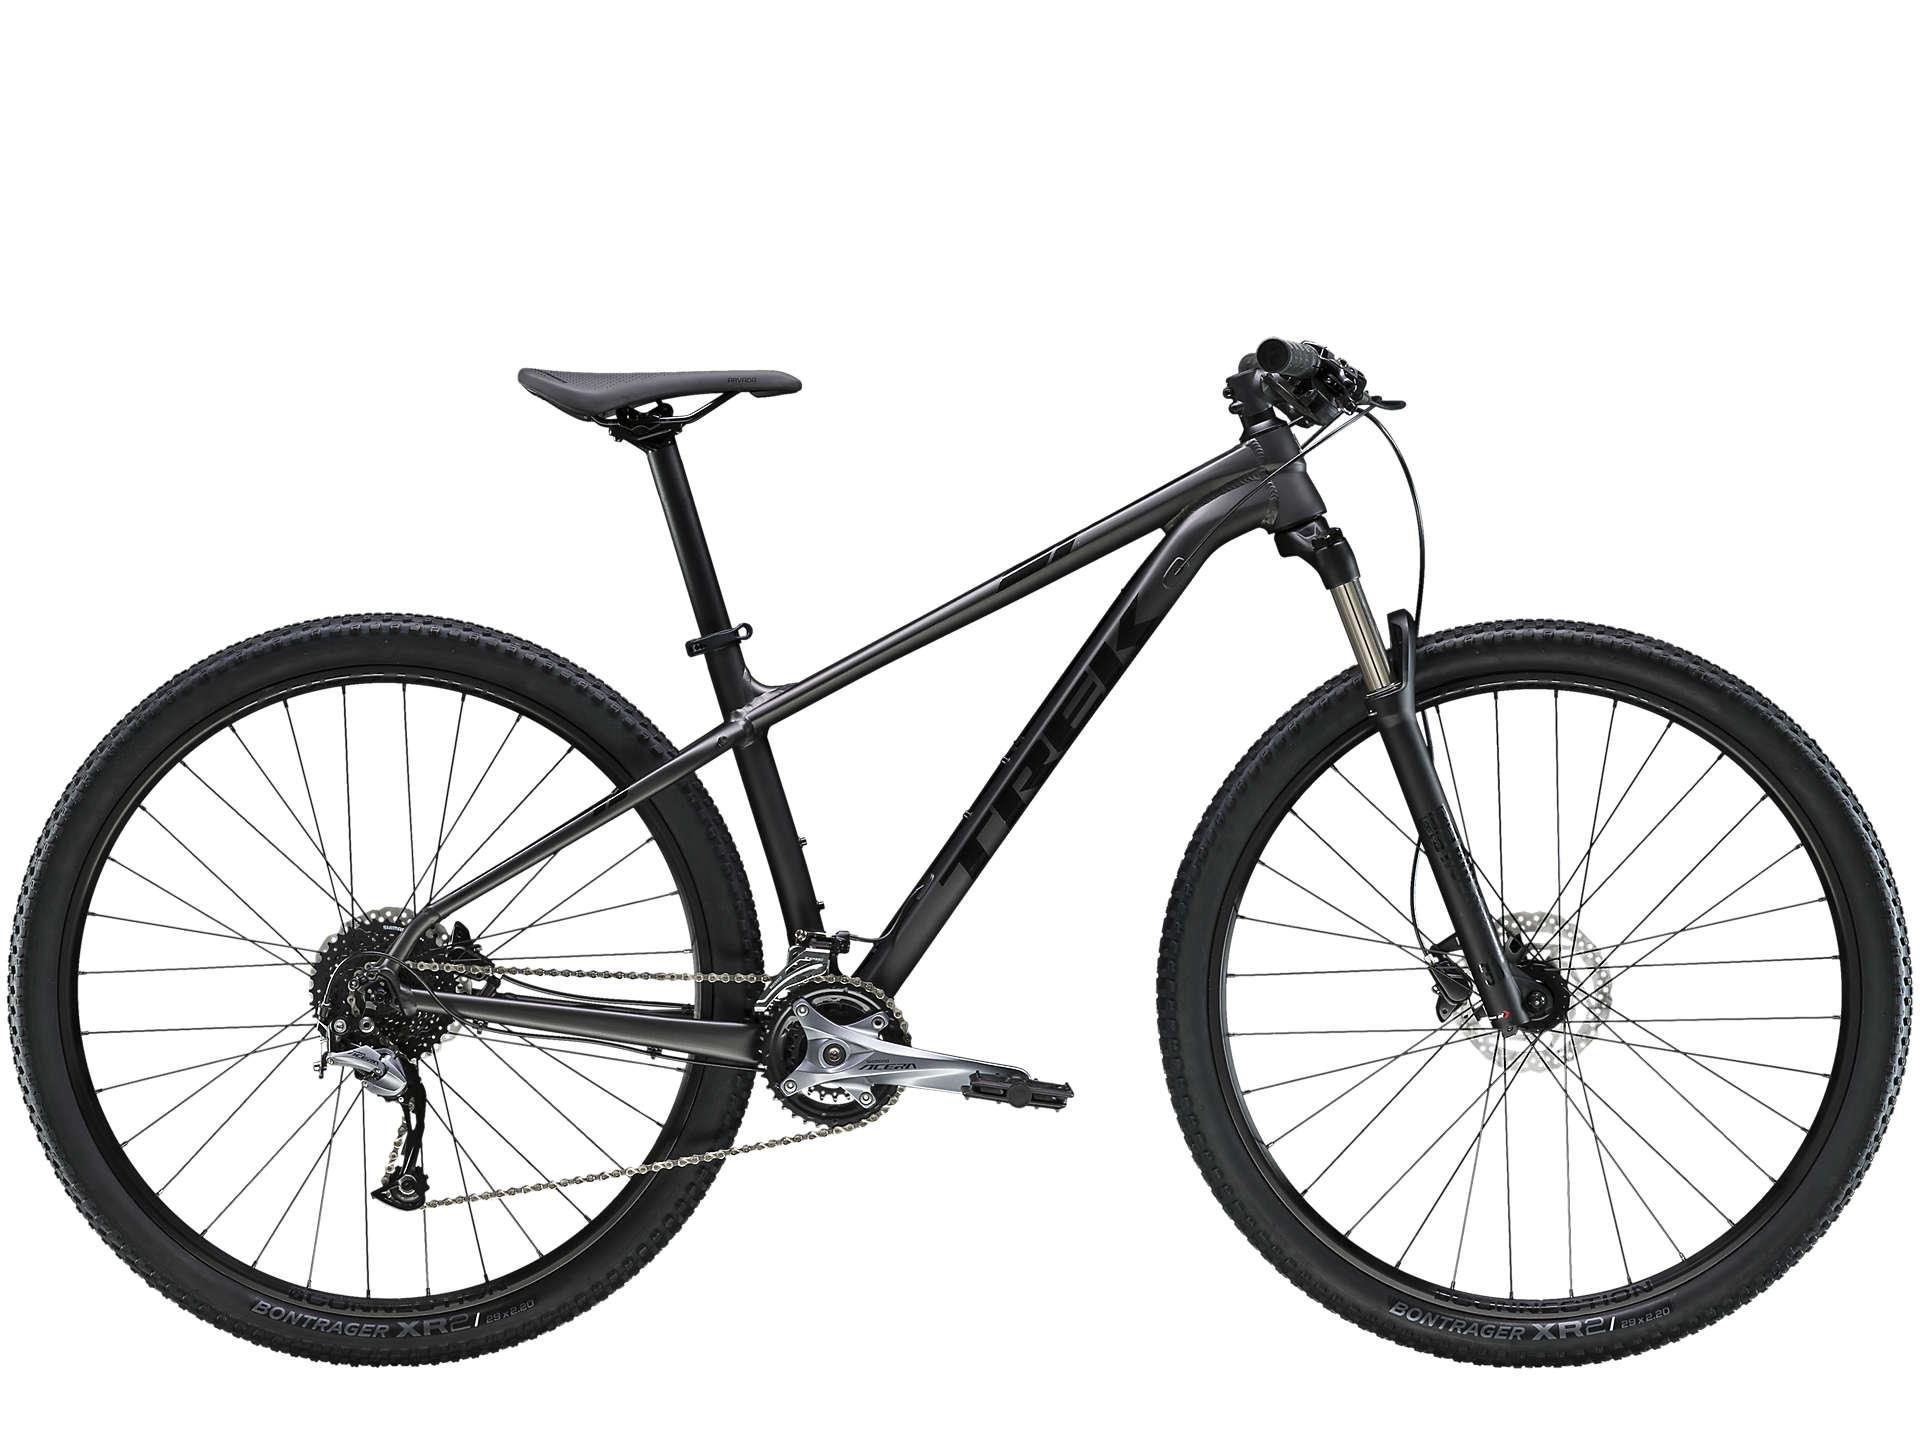 Bicicleta Trek X Caliber 7 - 2019 - R$ 4.889,00 - Tamanho 19,5